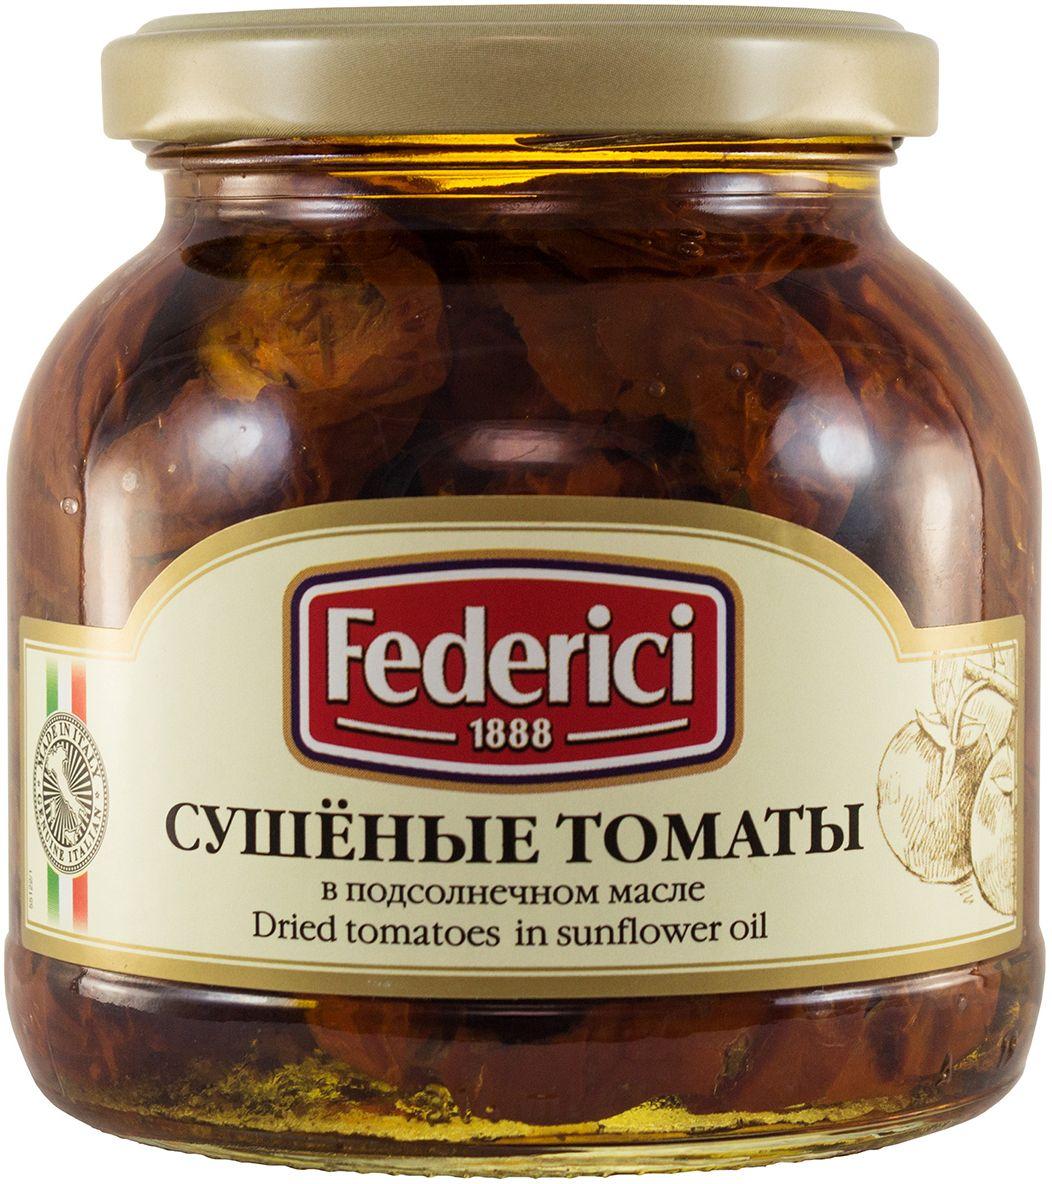 Federici Сушеные томаты в подсолнечном масле, 280 г mancin анчоусы филе в подсолнечном масле 78 г